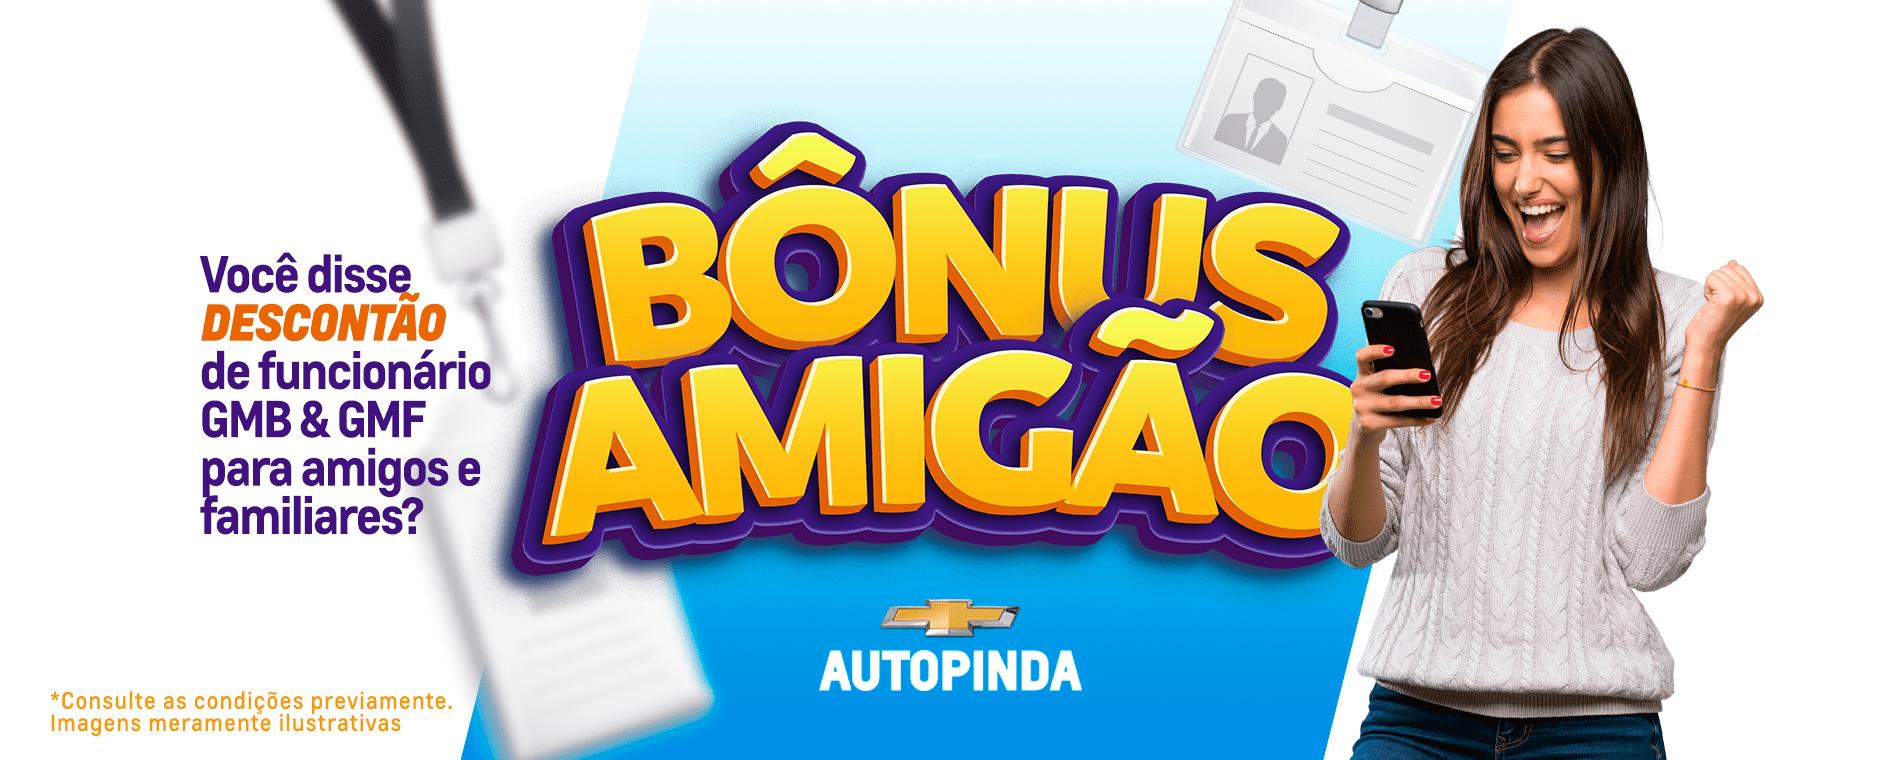 Bonus Amigos Banner 1900 Autopinda